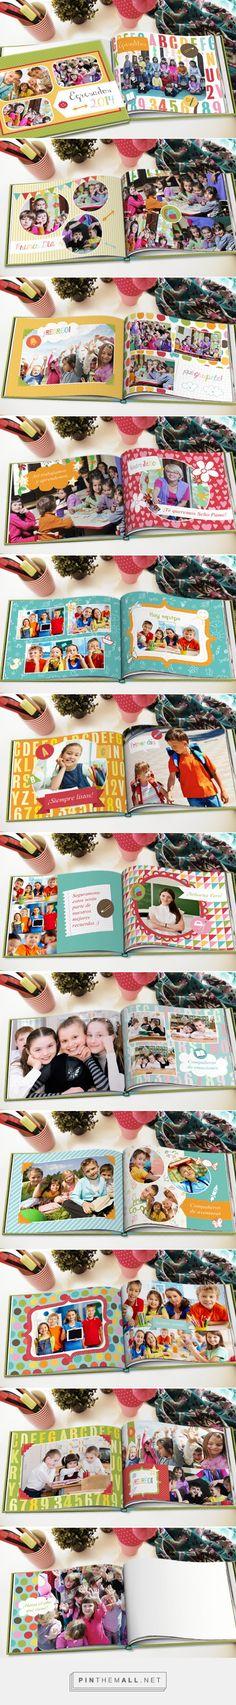 Descargá Gratis El Diseño Completo De Un Fotolibro De Egresados. | Blog - Fábrica De Fotolibros - created via https://pinthemall.net